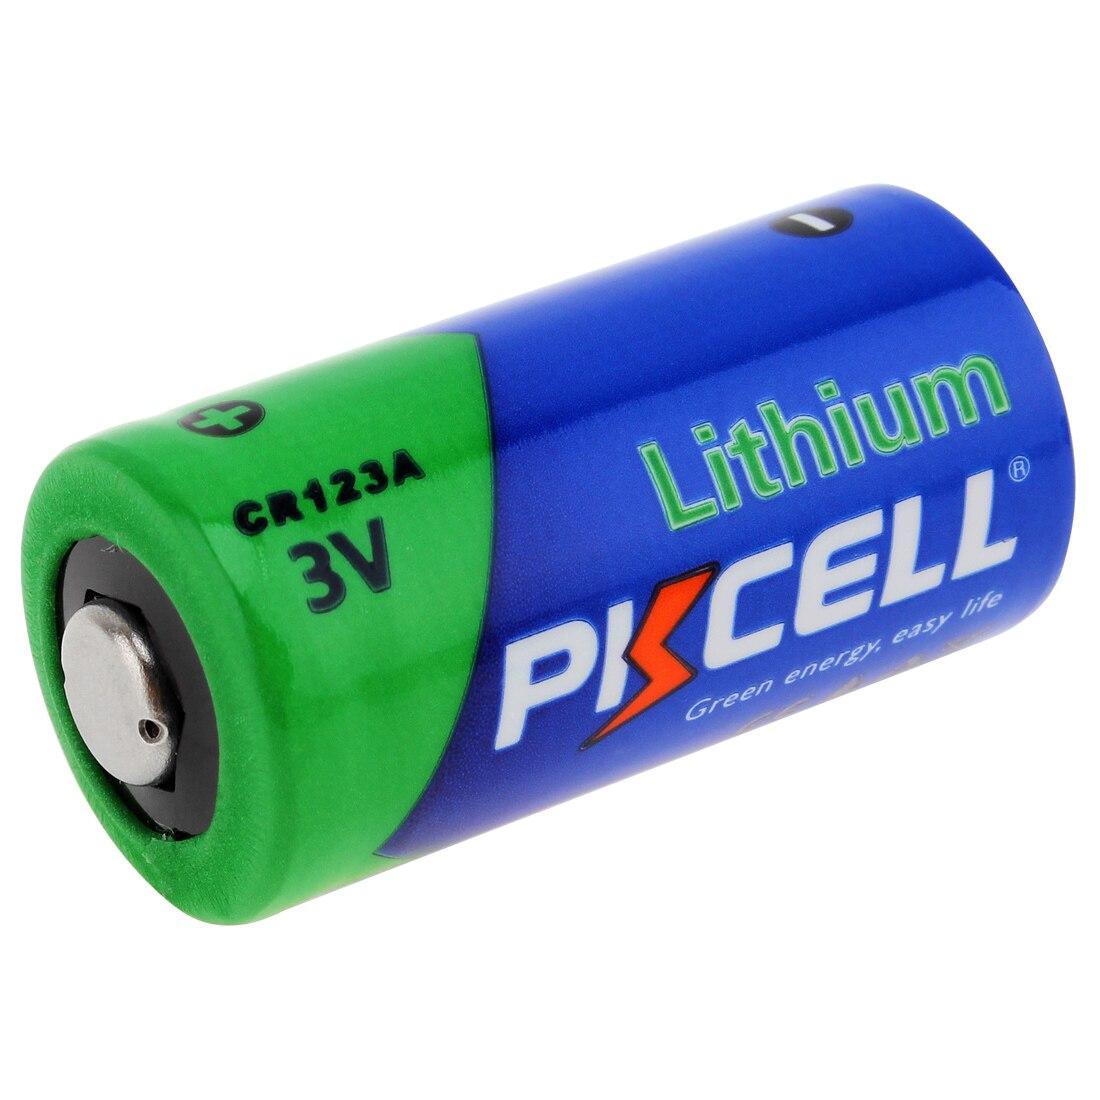 Baterias Secas cr123 cr 123 123a 16340 Modelo Número : Epc_acc_11j